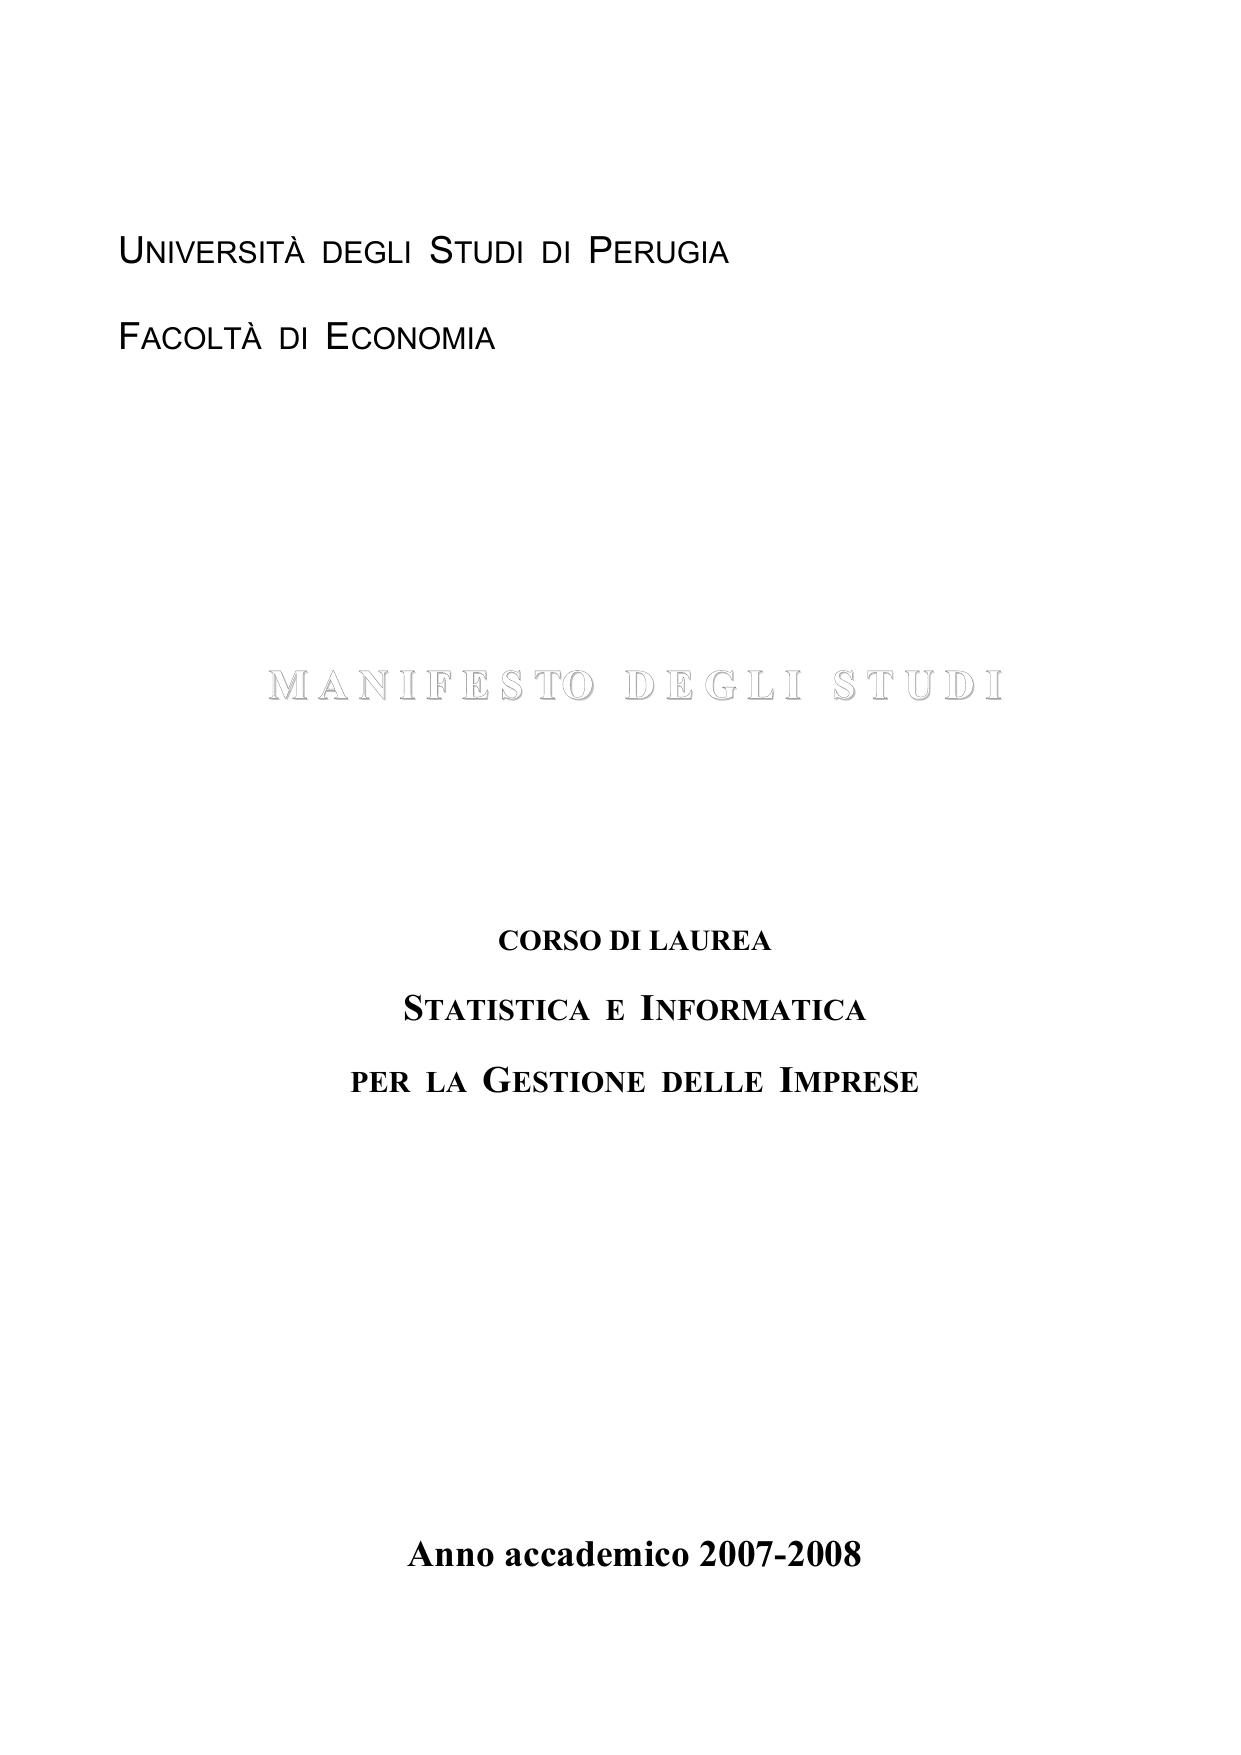 Calendario Esami Unipg Economia.Associazione Sigi Dipartimento Di Economia Finanza E